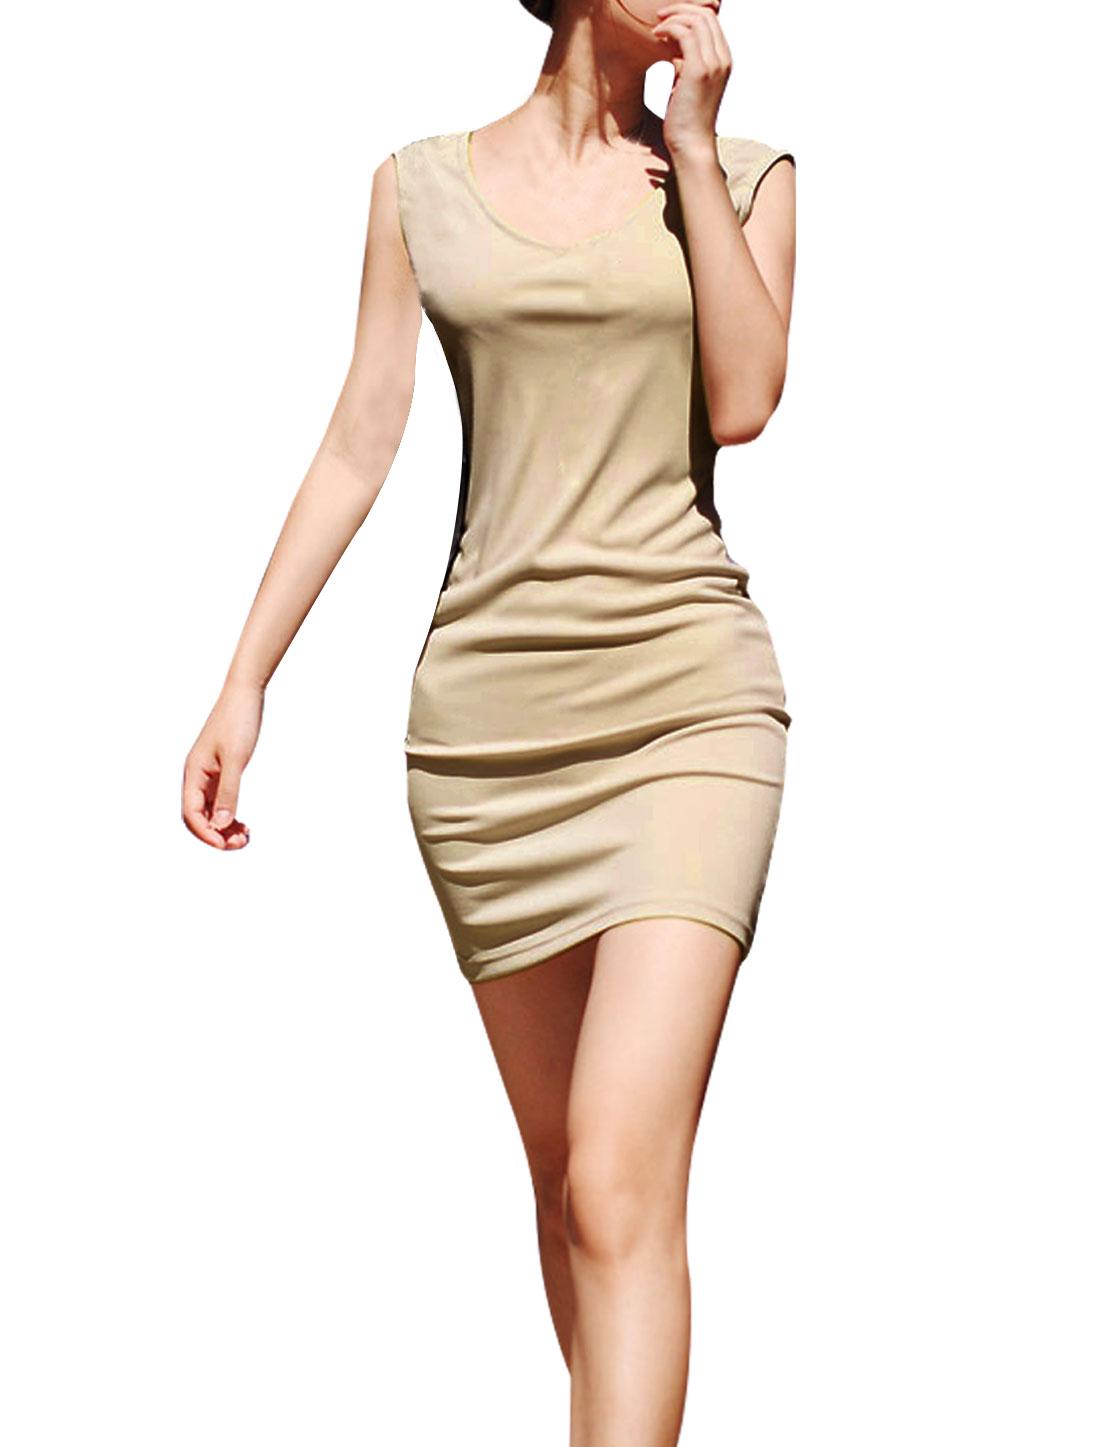 Pure Khaki Color Slim Fit Tank Mini Dress M for Lady